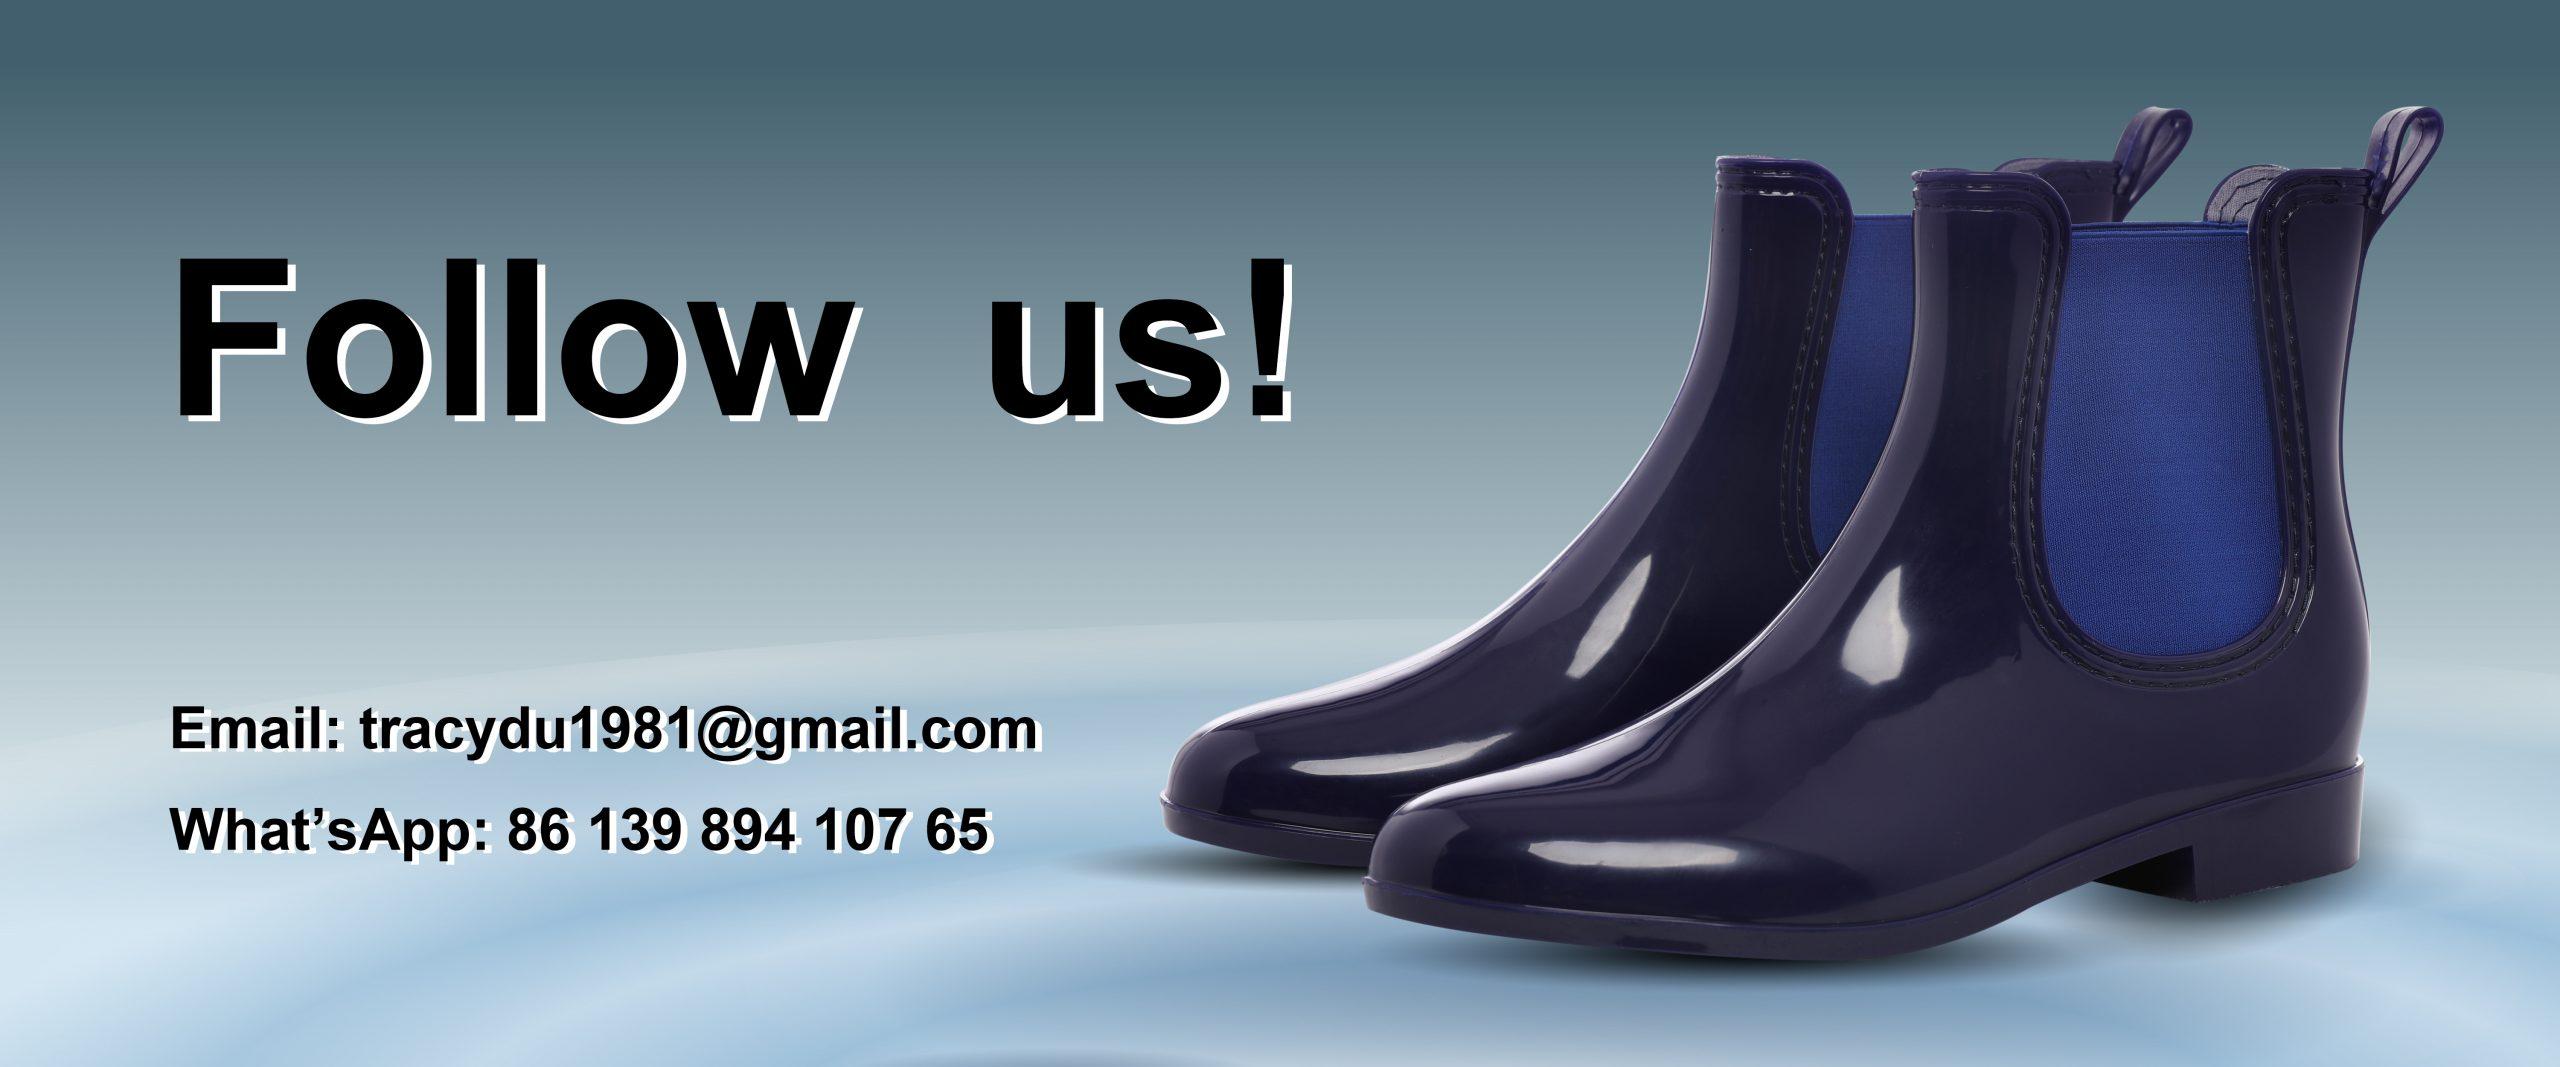 rain boots banner